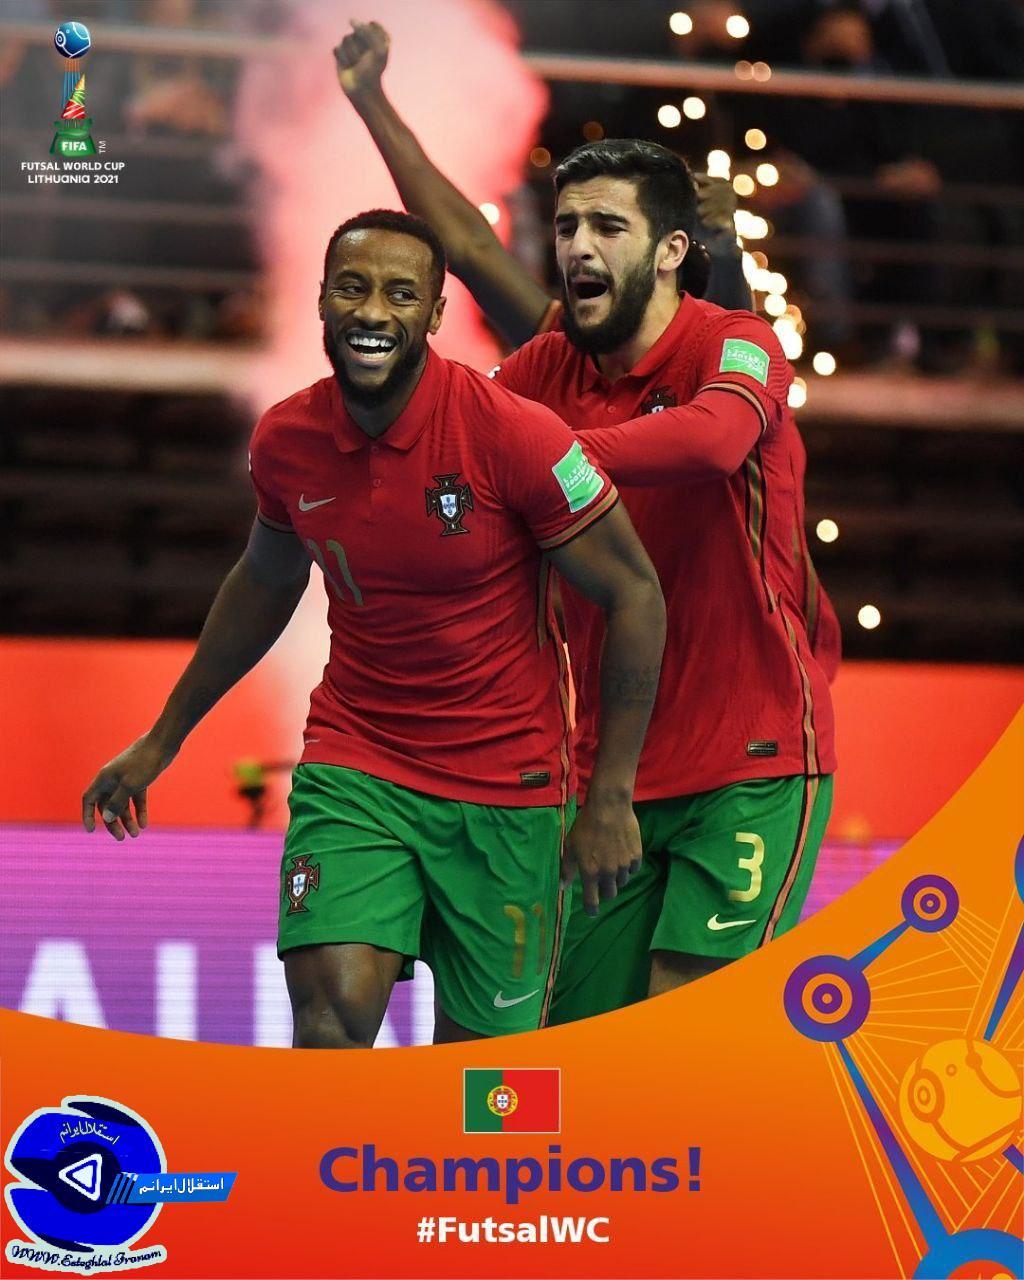 جام جهانی 2021 فوتسال /پرتغال قهرمان جهان شد